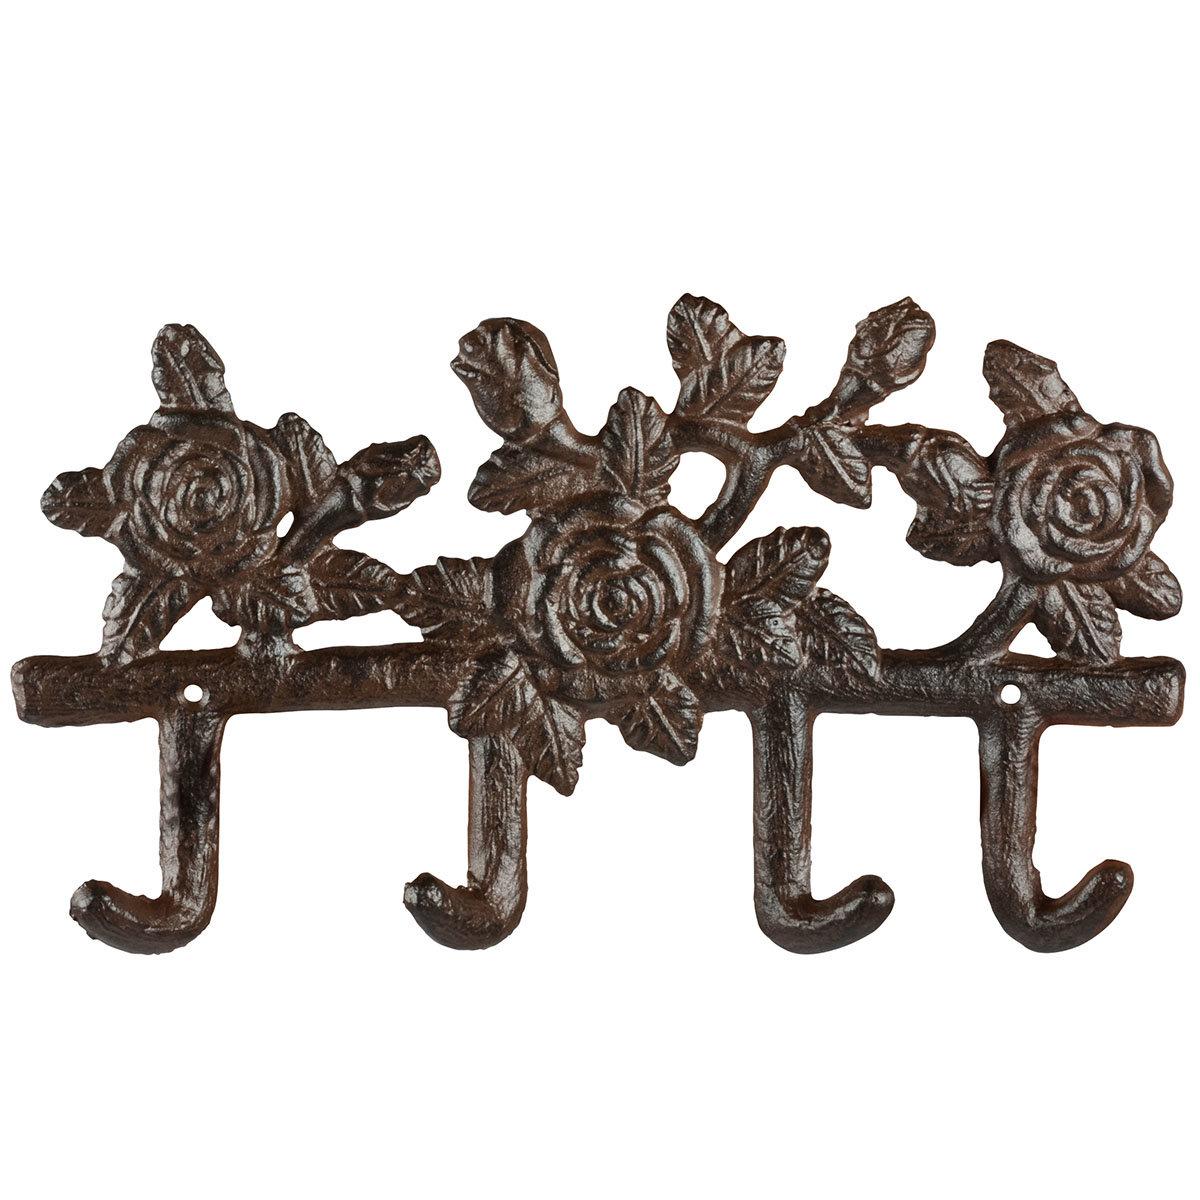 Werkzeughaken Rose, gusseisen, mit 4 Haken, ca. 27 cm